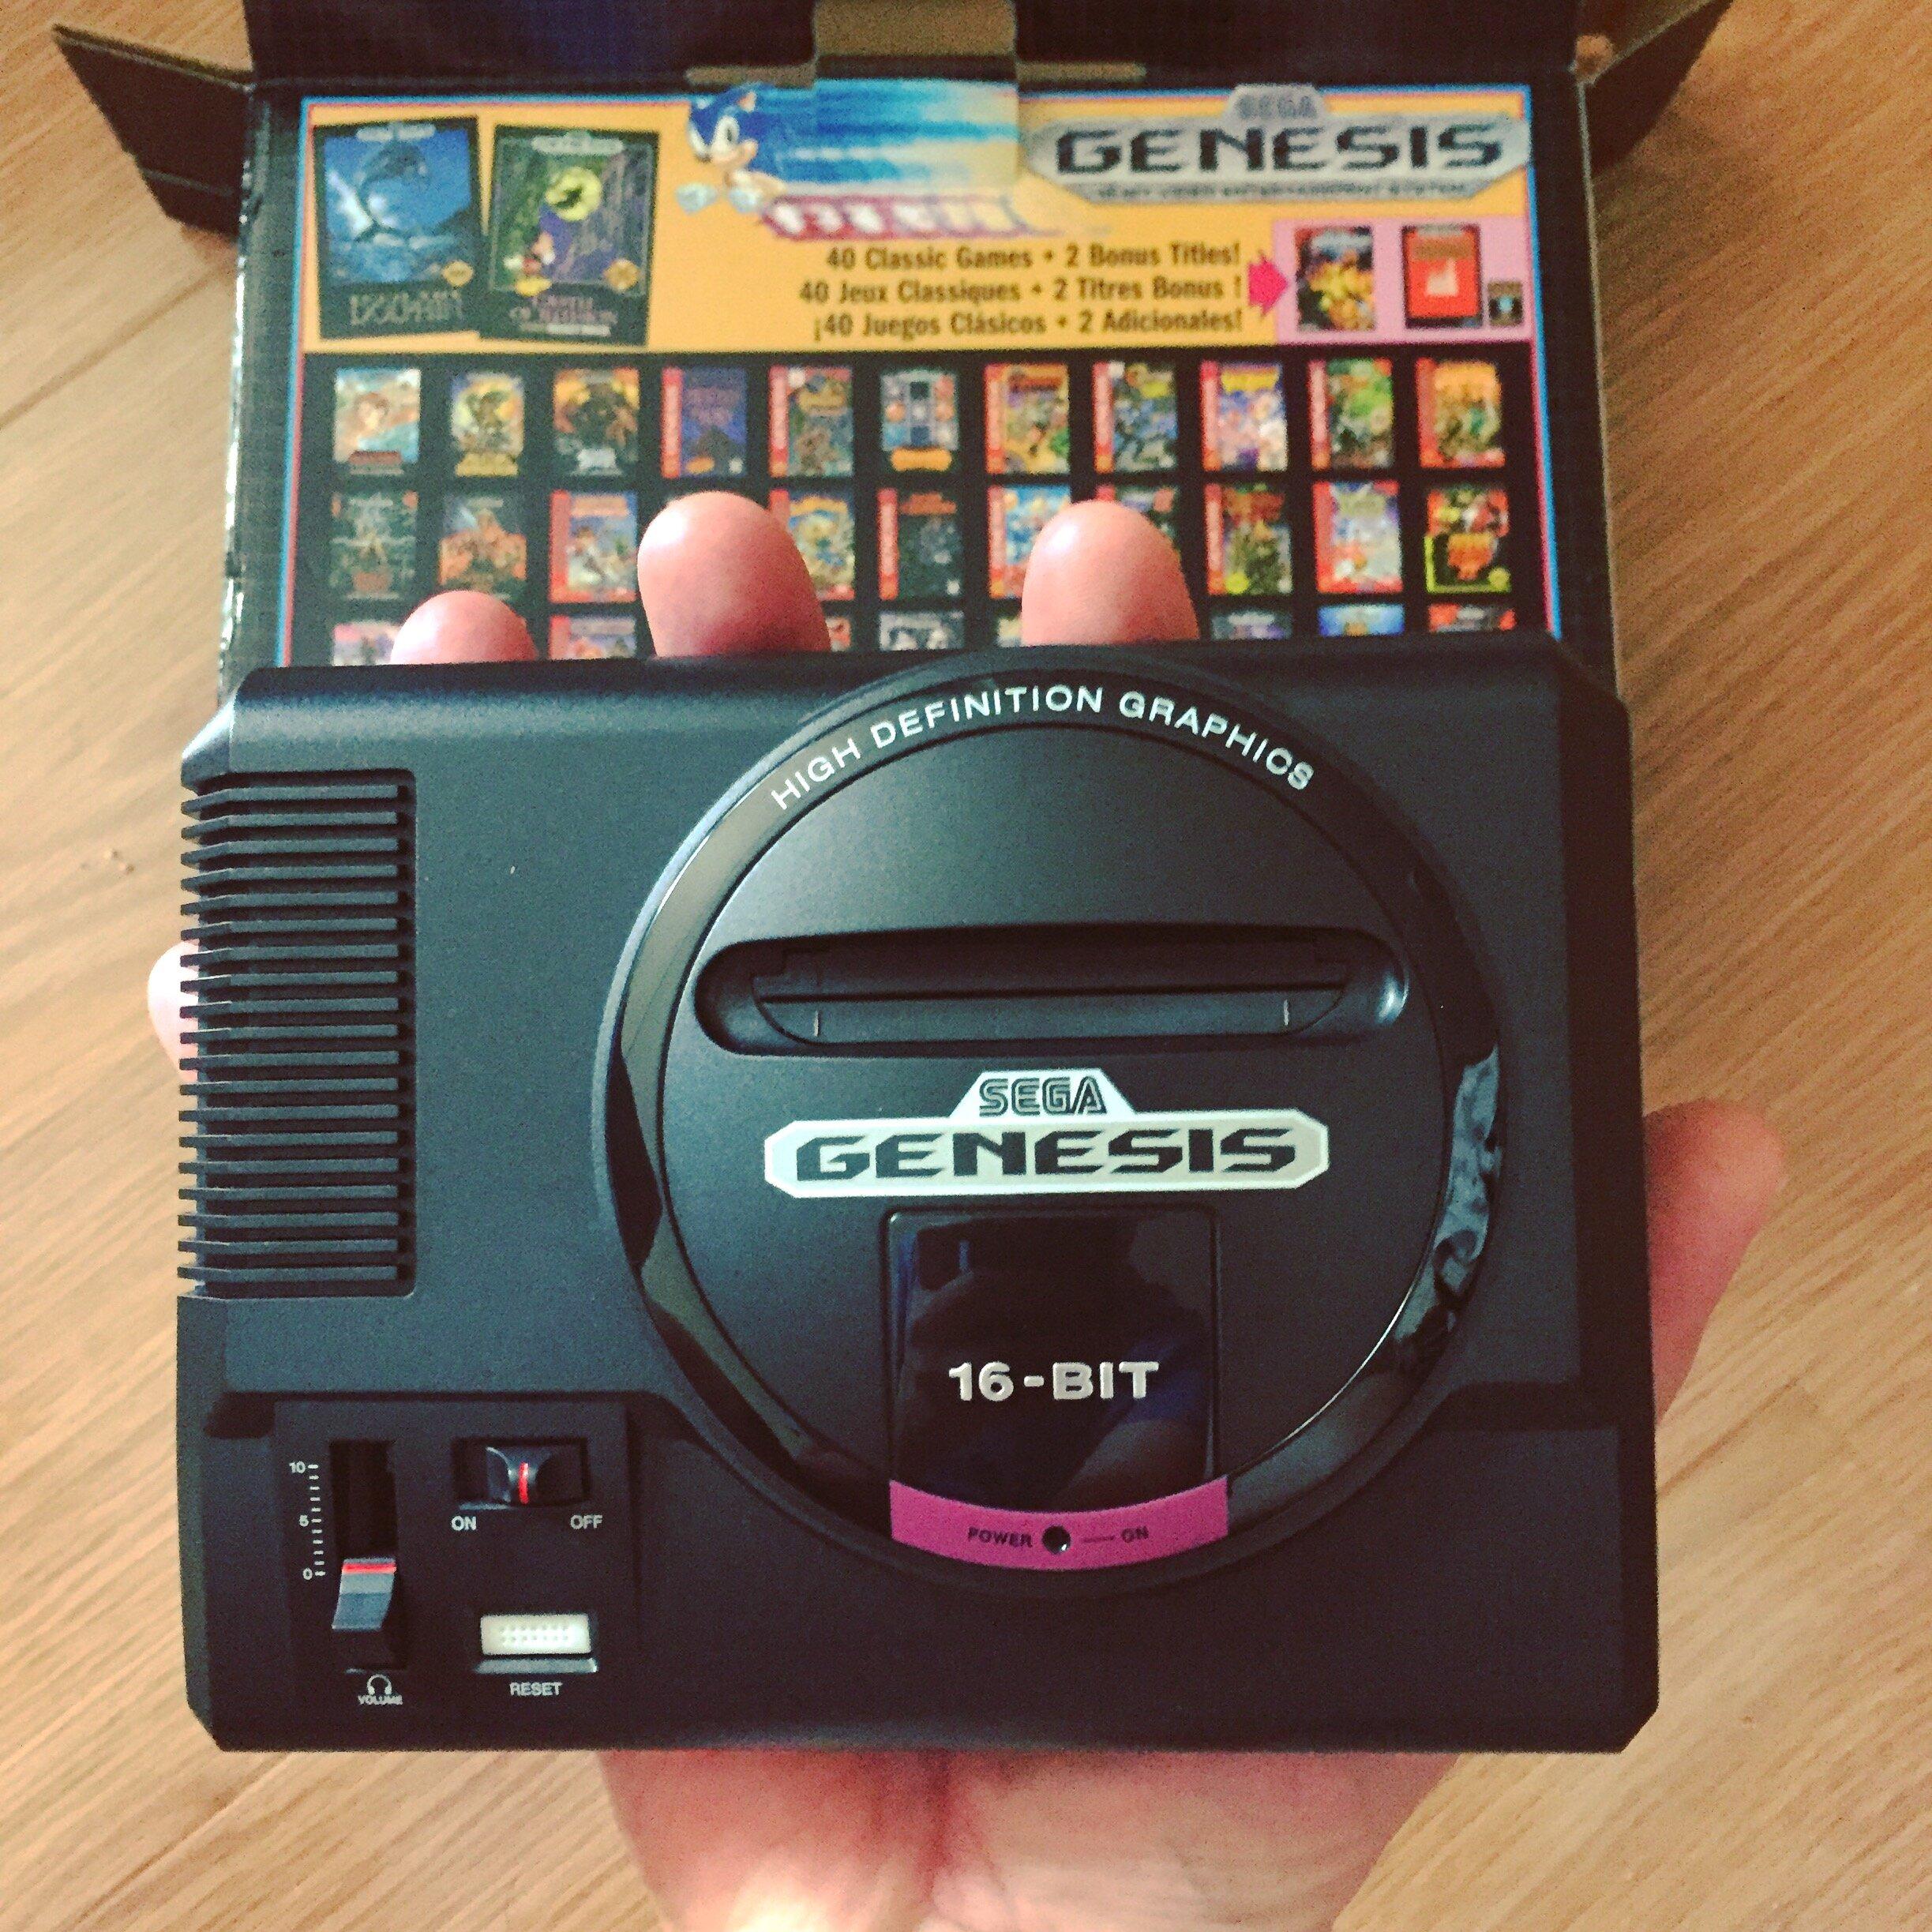 Hacking A Sega Genesis Mini For Self Quarantine Purposes High Five For